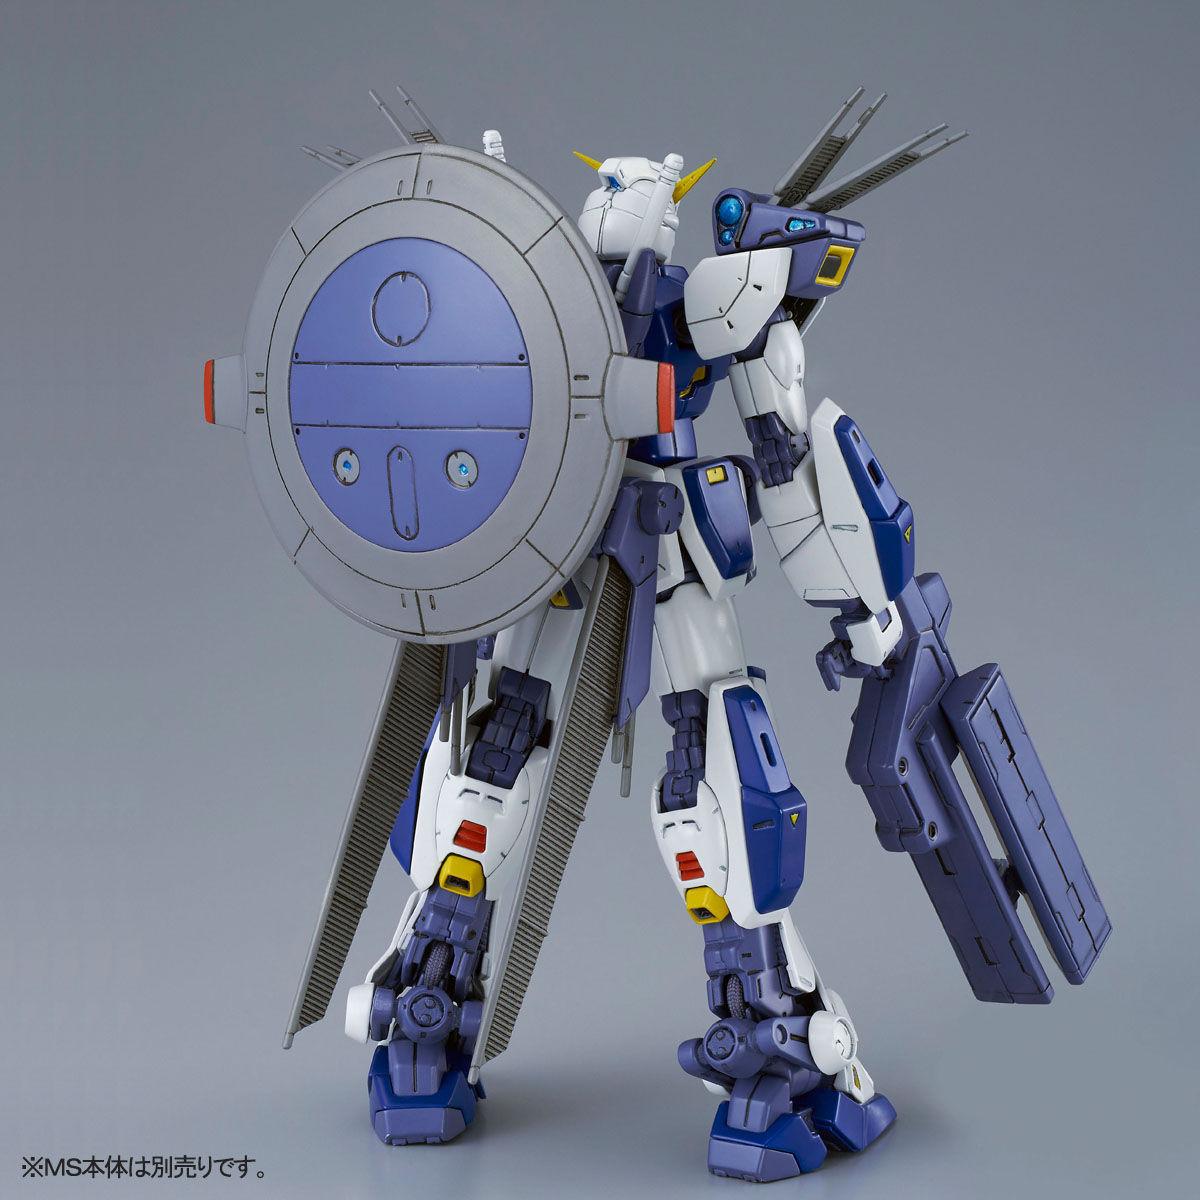 MG 1/100『ガンダムF90用 ミッションパック Eタイプ&Sタイプ』プラモデル-006